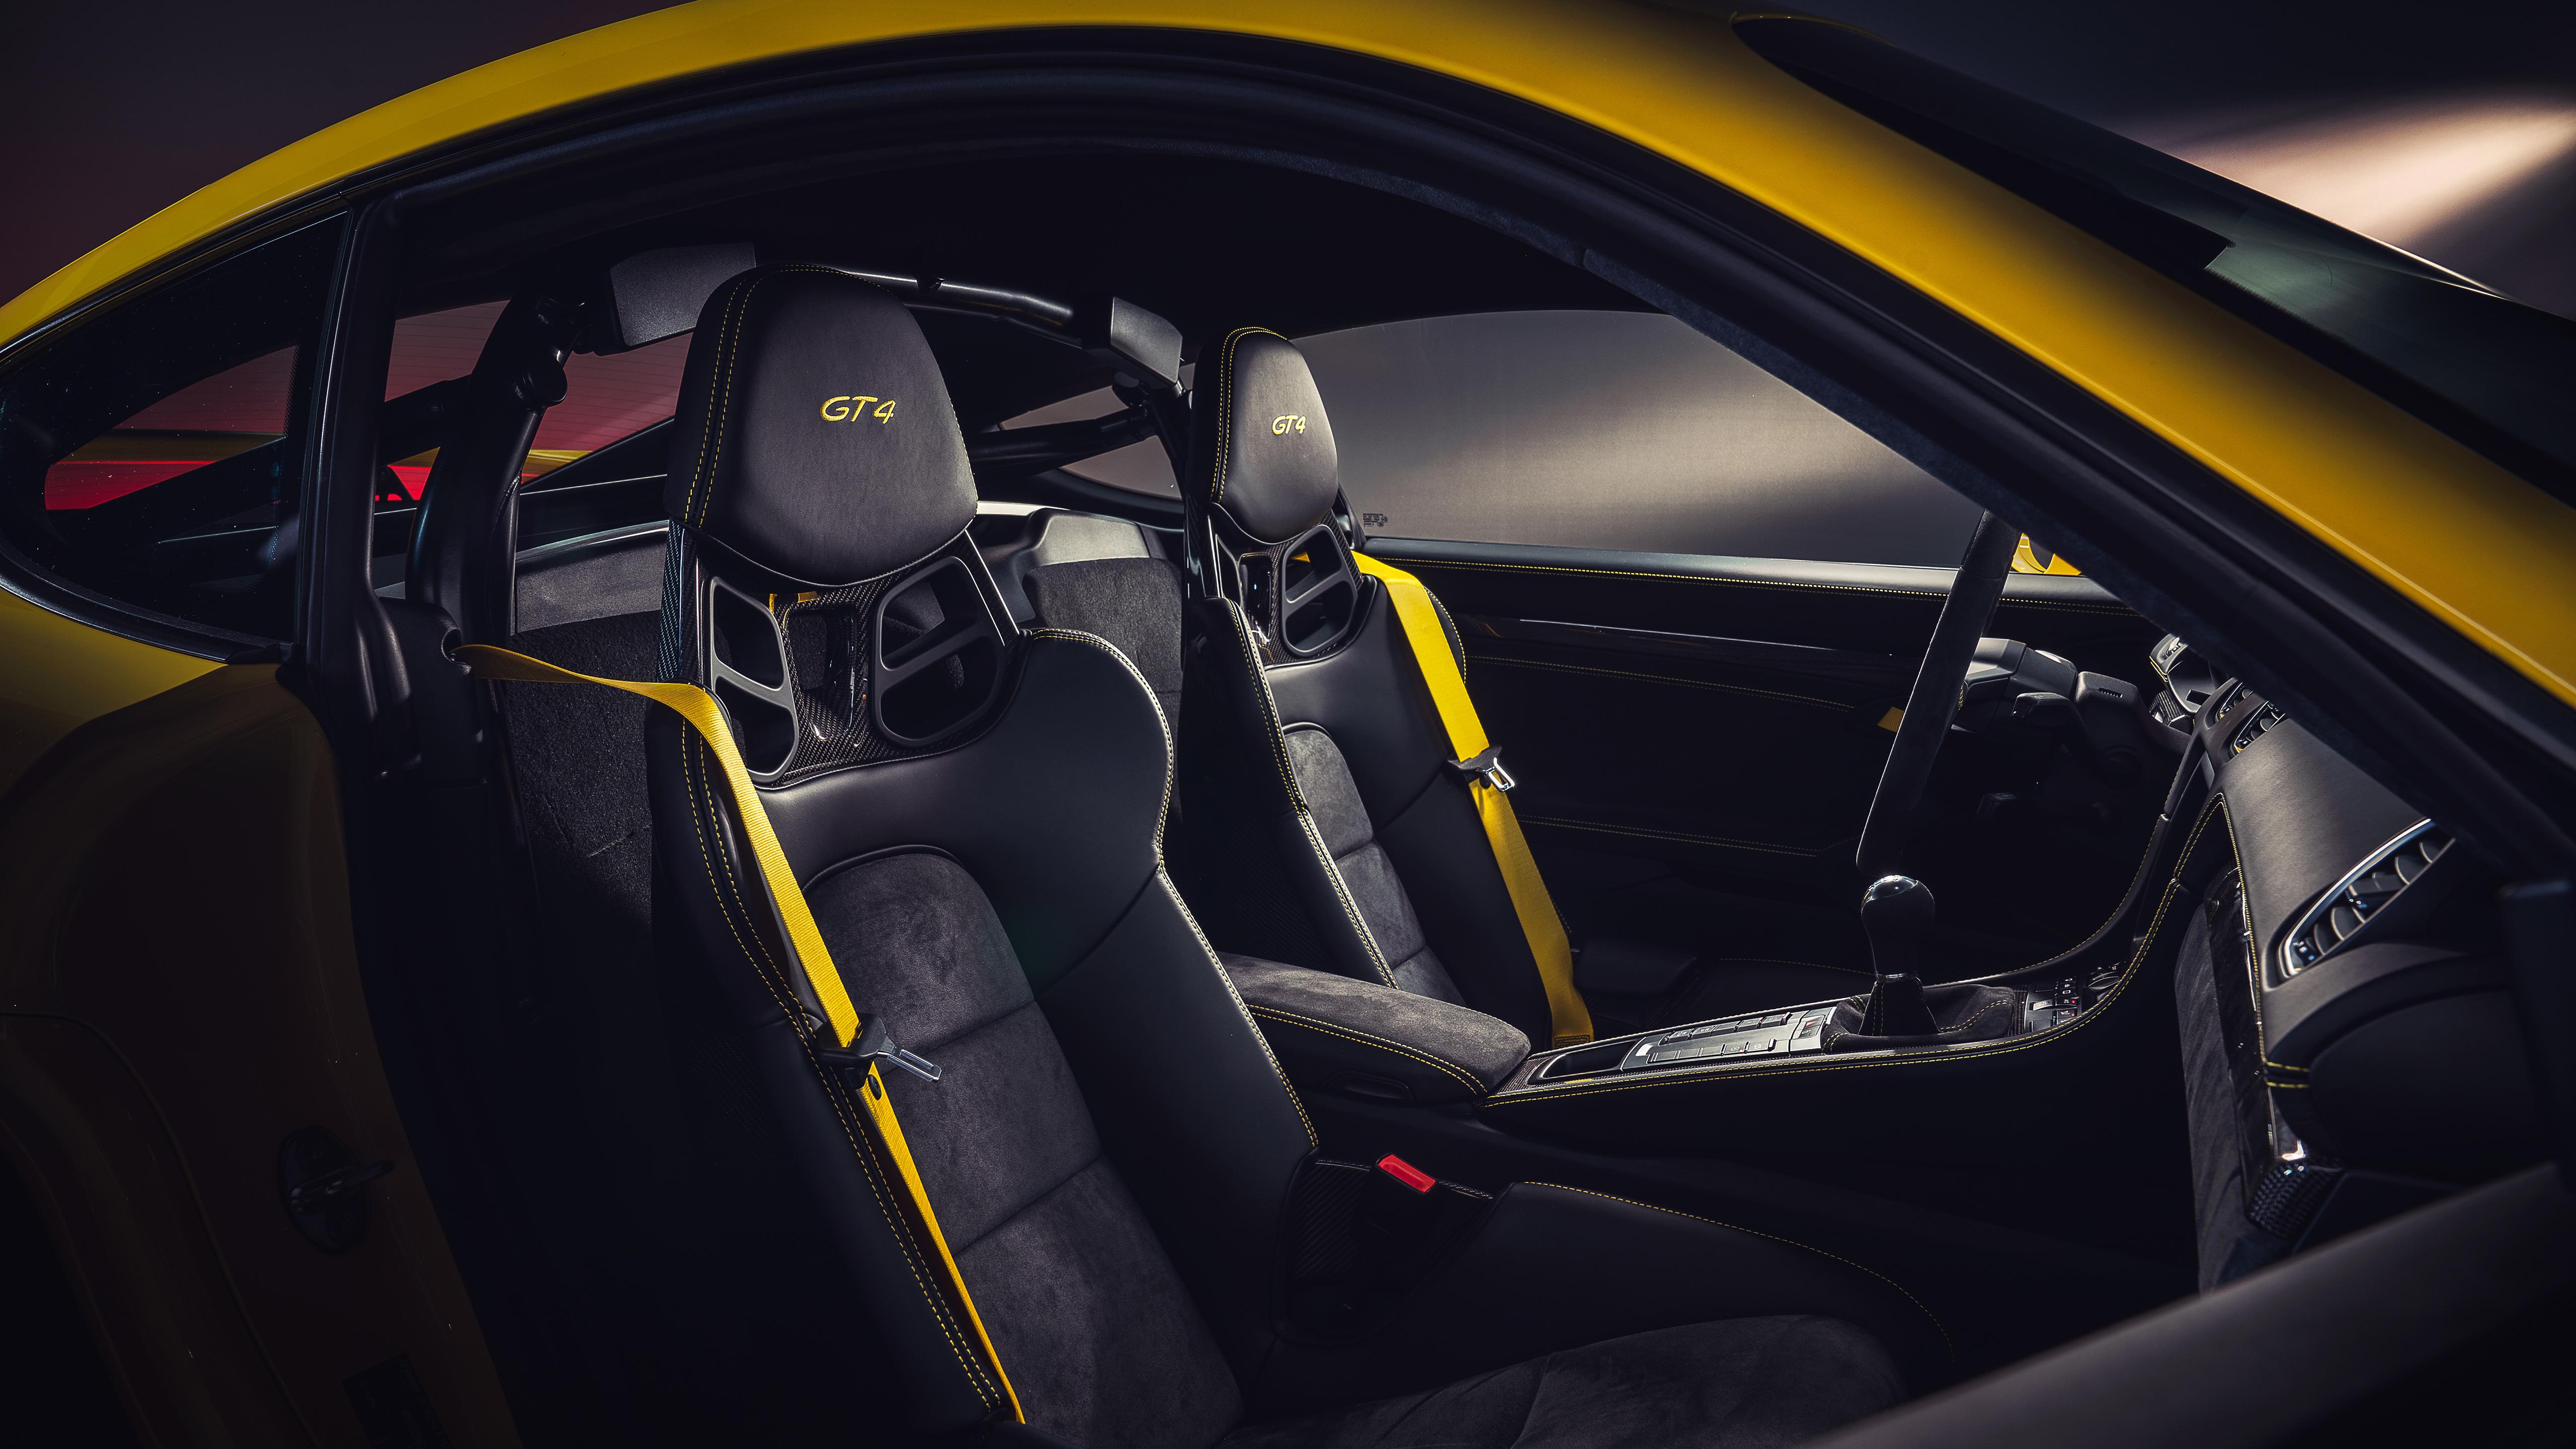 Porsche 718 Cayman GT4 2019 4K Interior Wallpaper